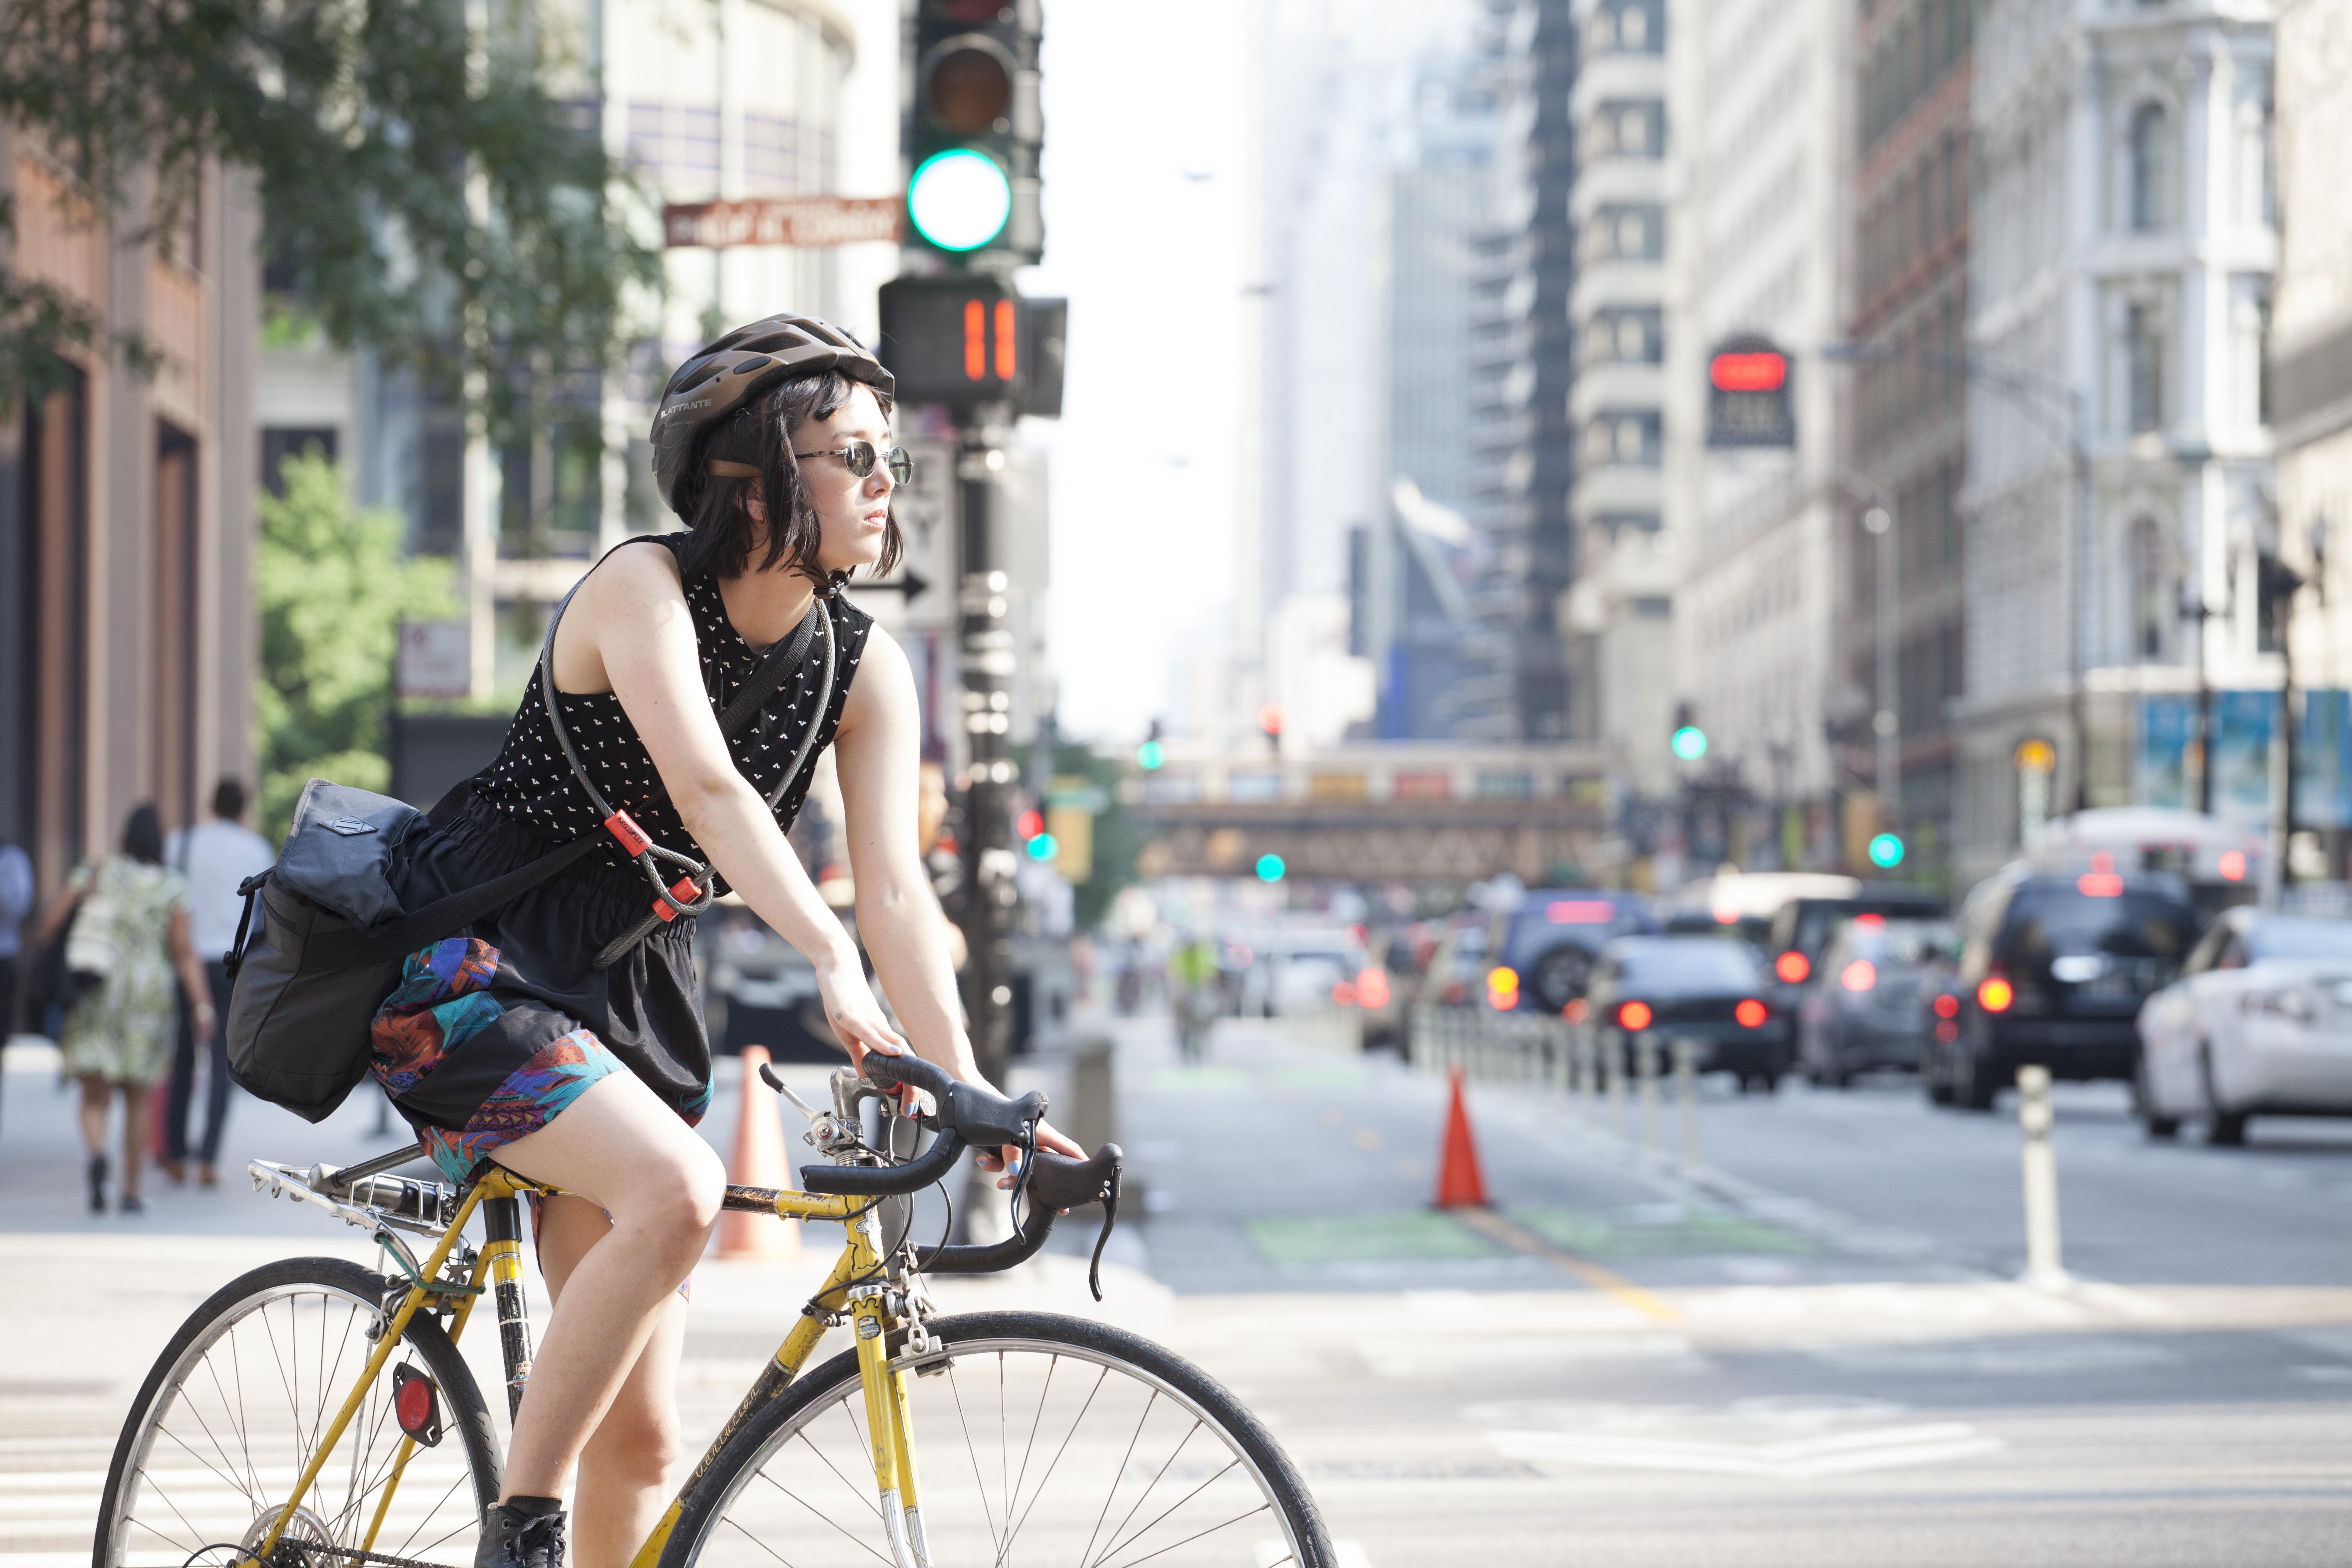 Cycling success: 10 U.S. cities pushing biking forward